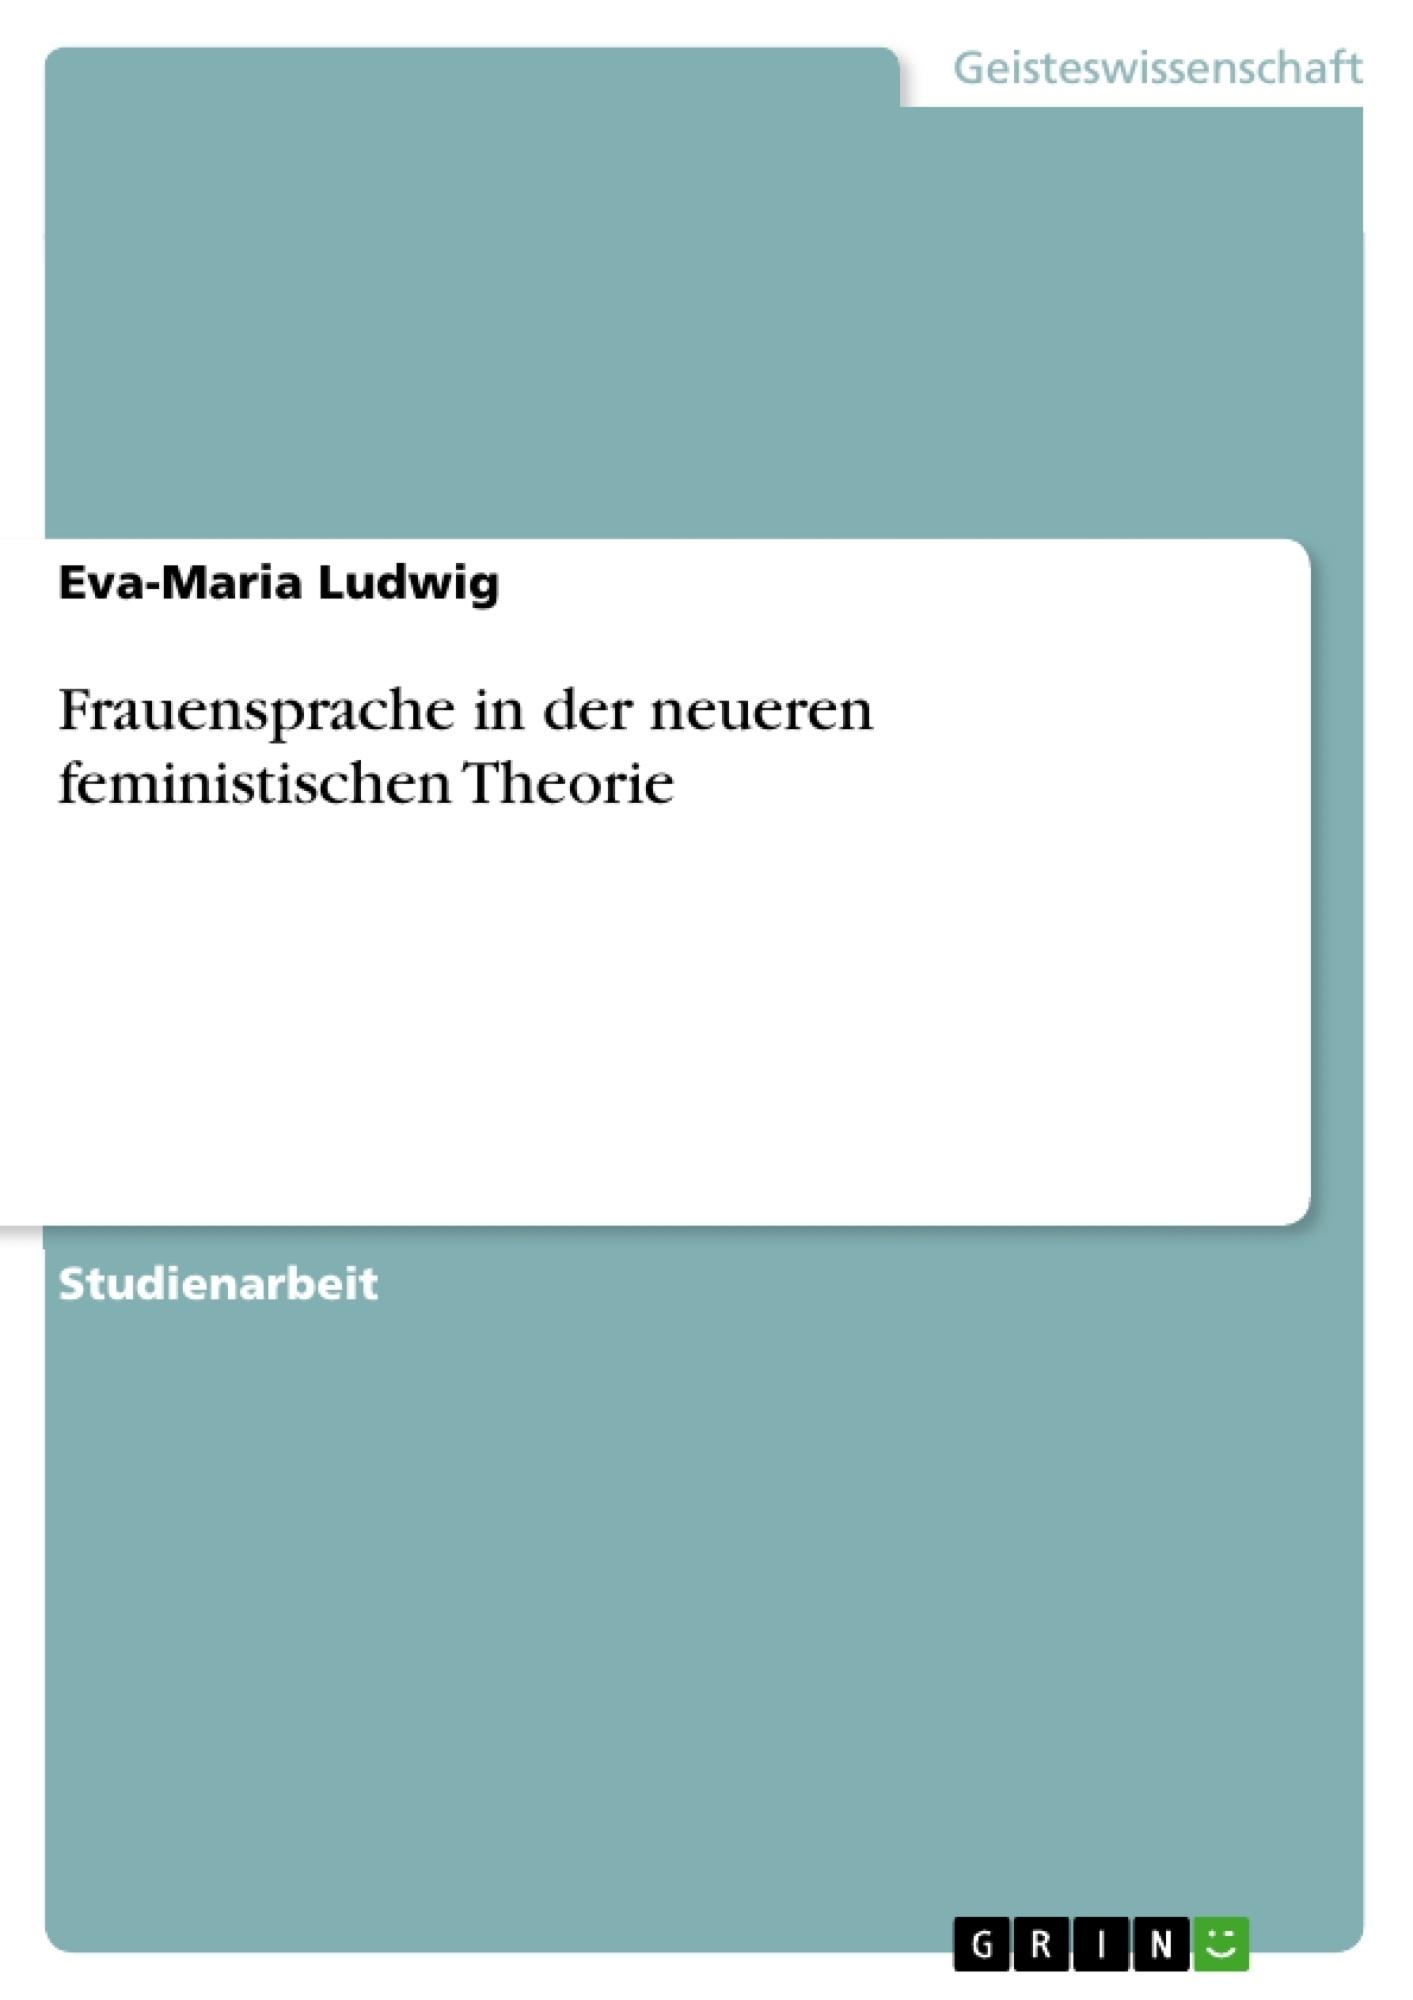 Titel: Frauensprache in der neueren feministischen Theorie